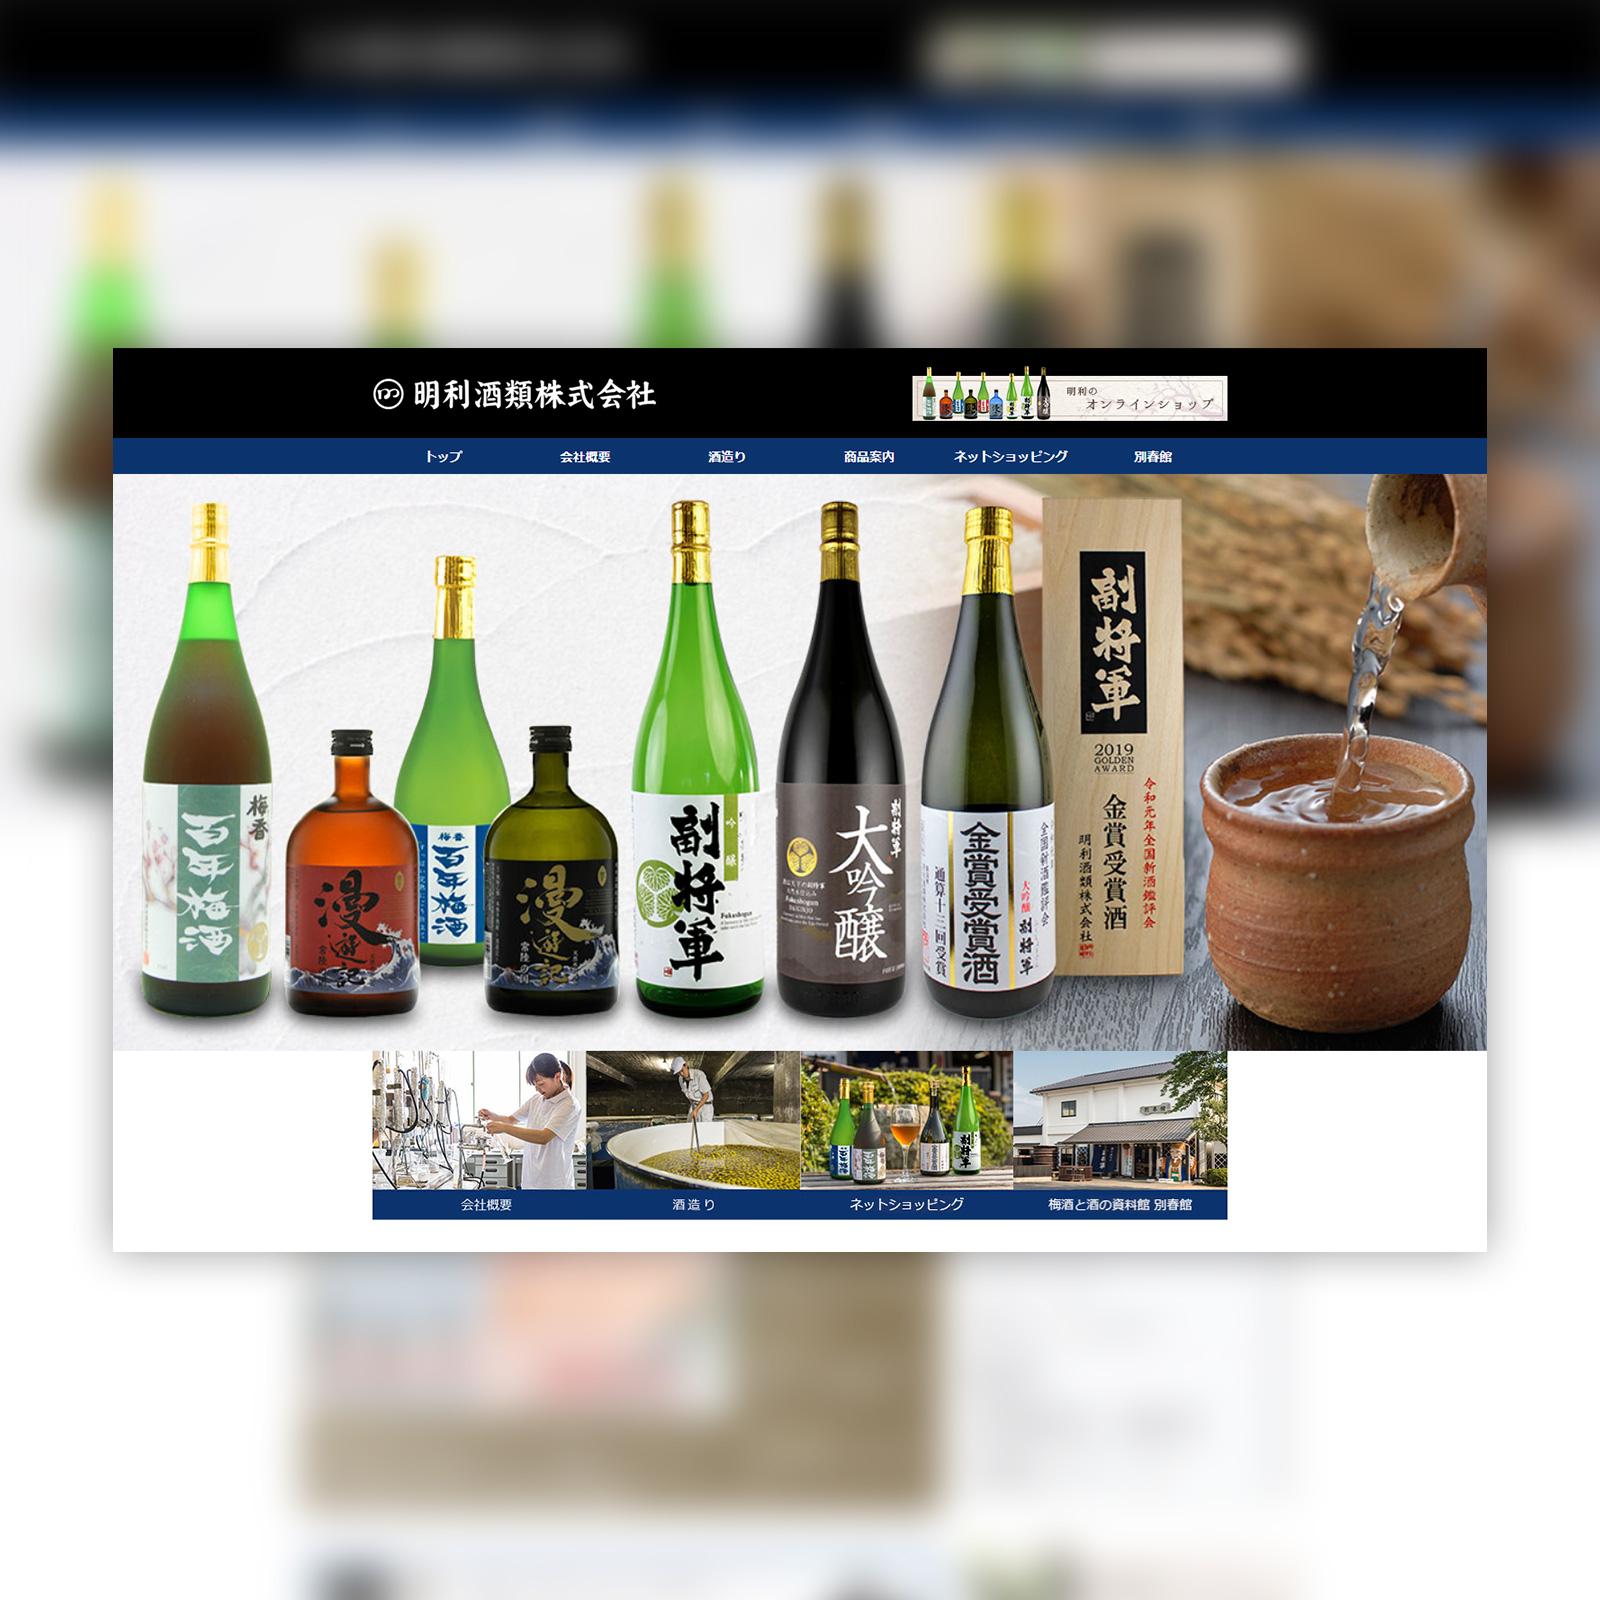 明利酒類 ホームページ